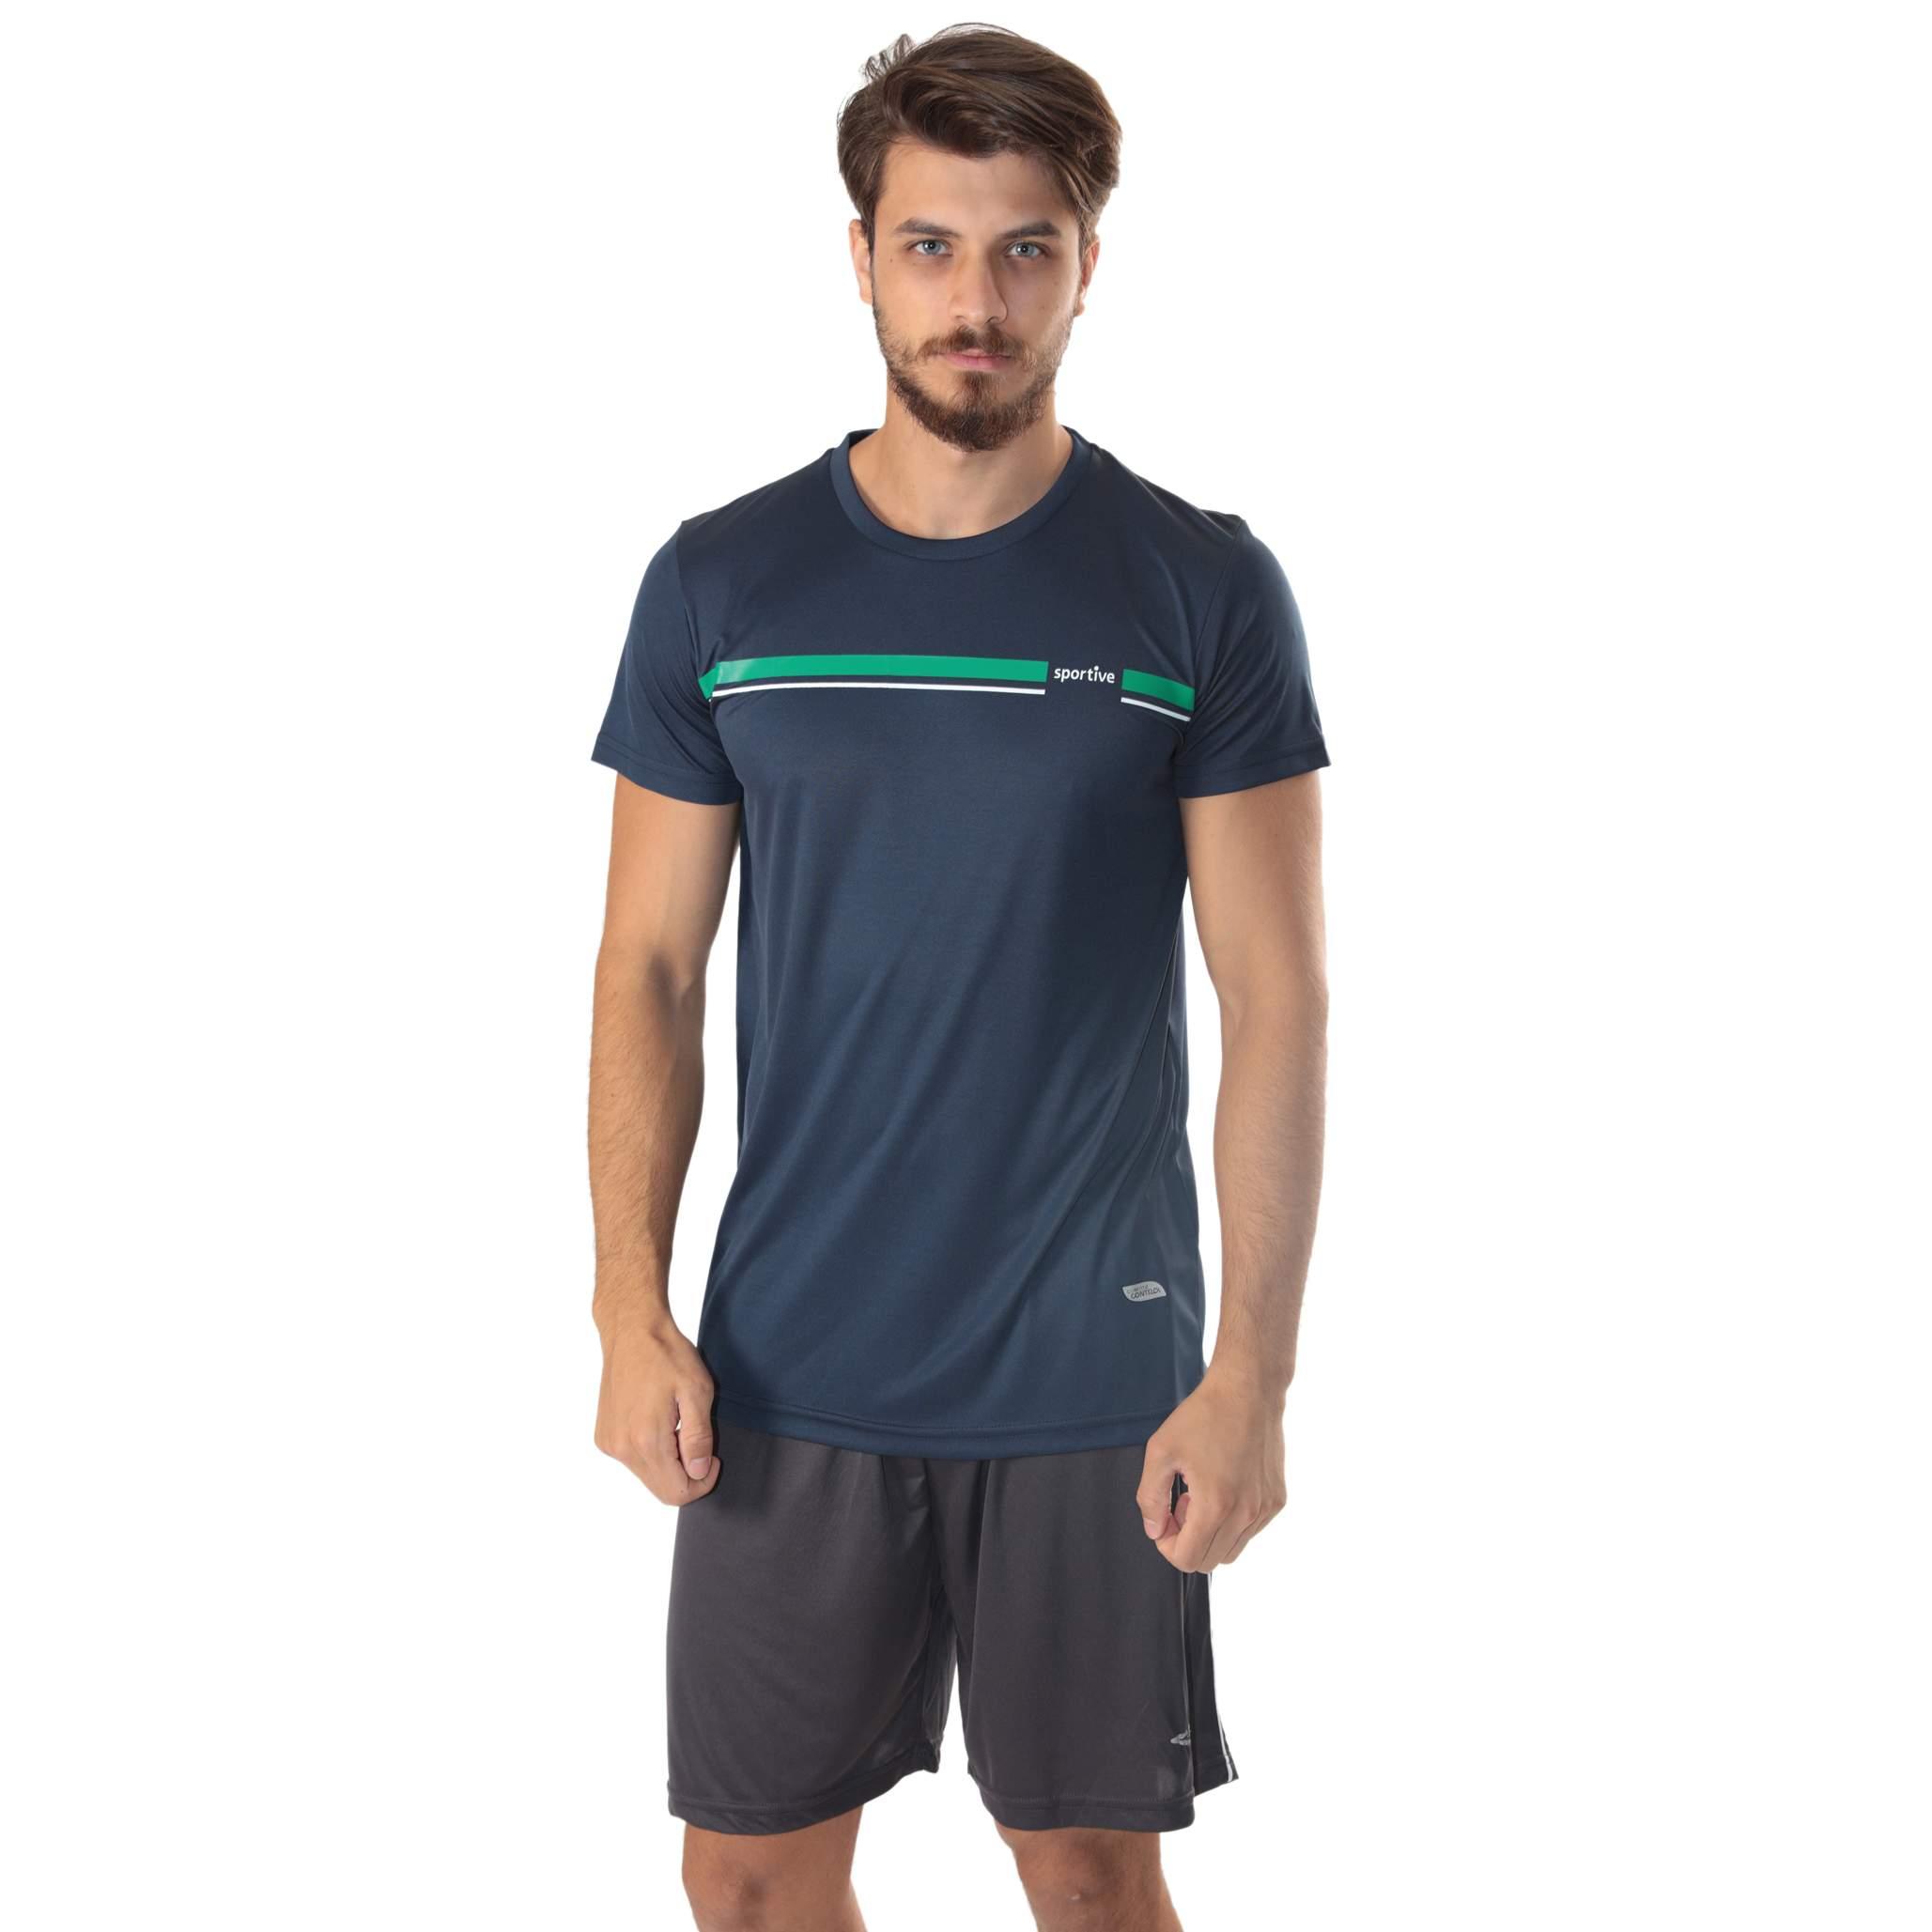 Sportive Erkek Bisiklet Yaka Baskılı Tişört 100885-00L